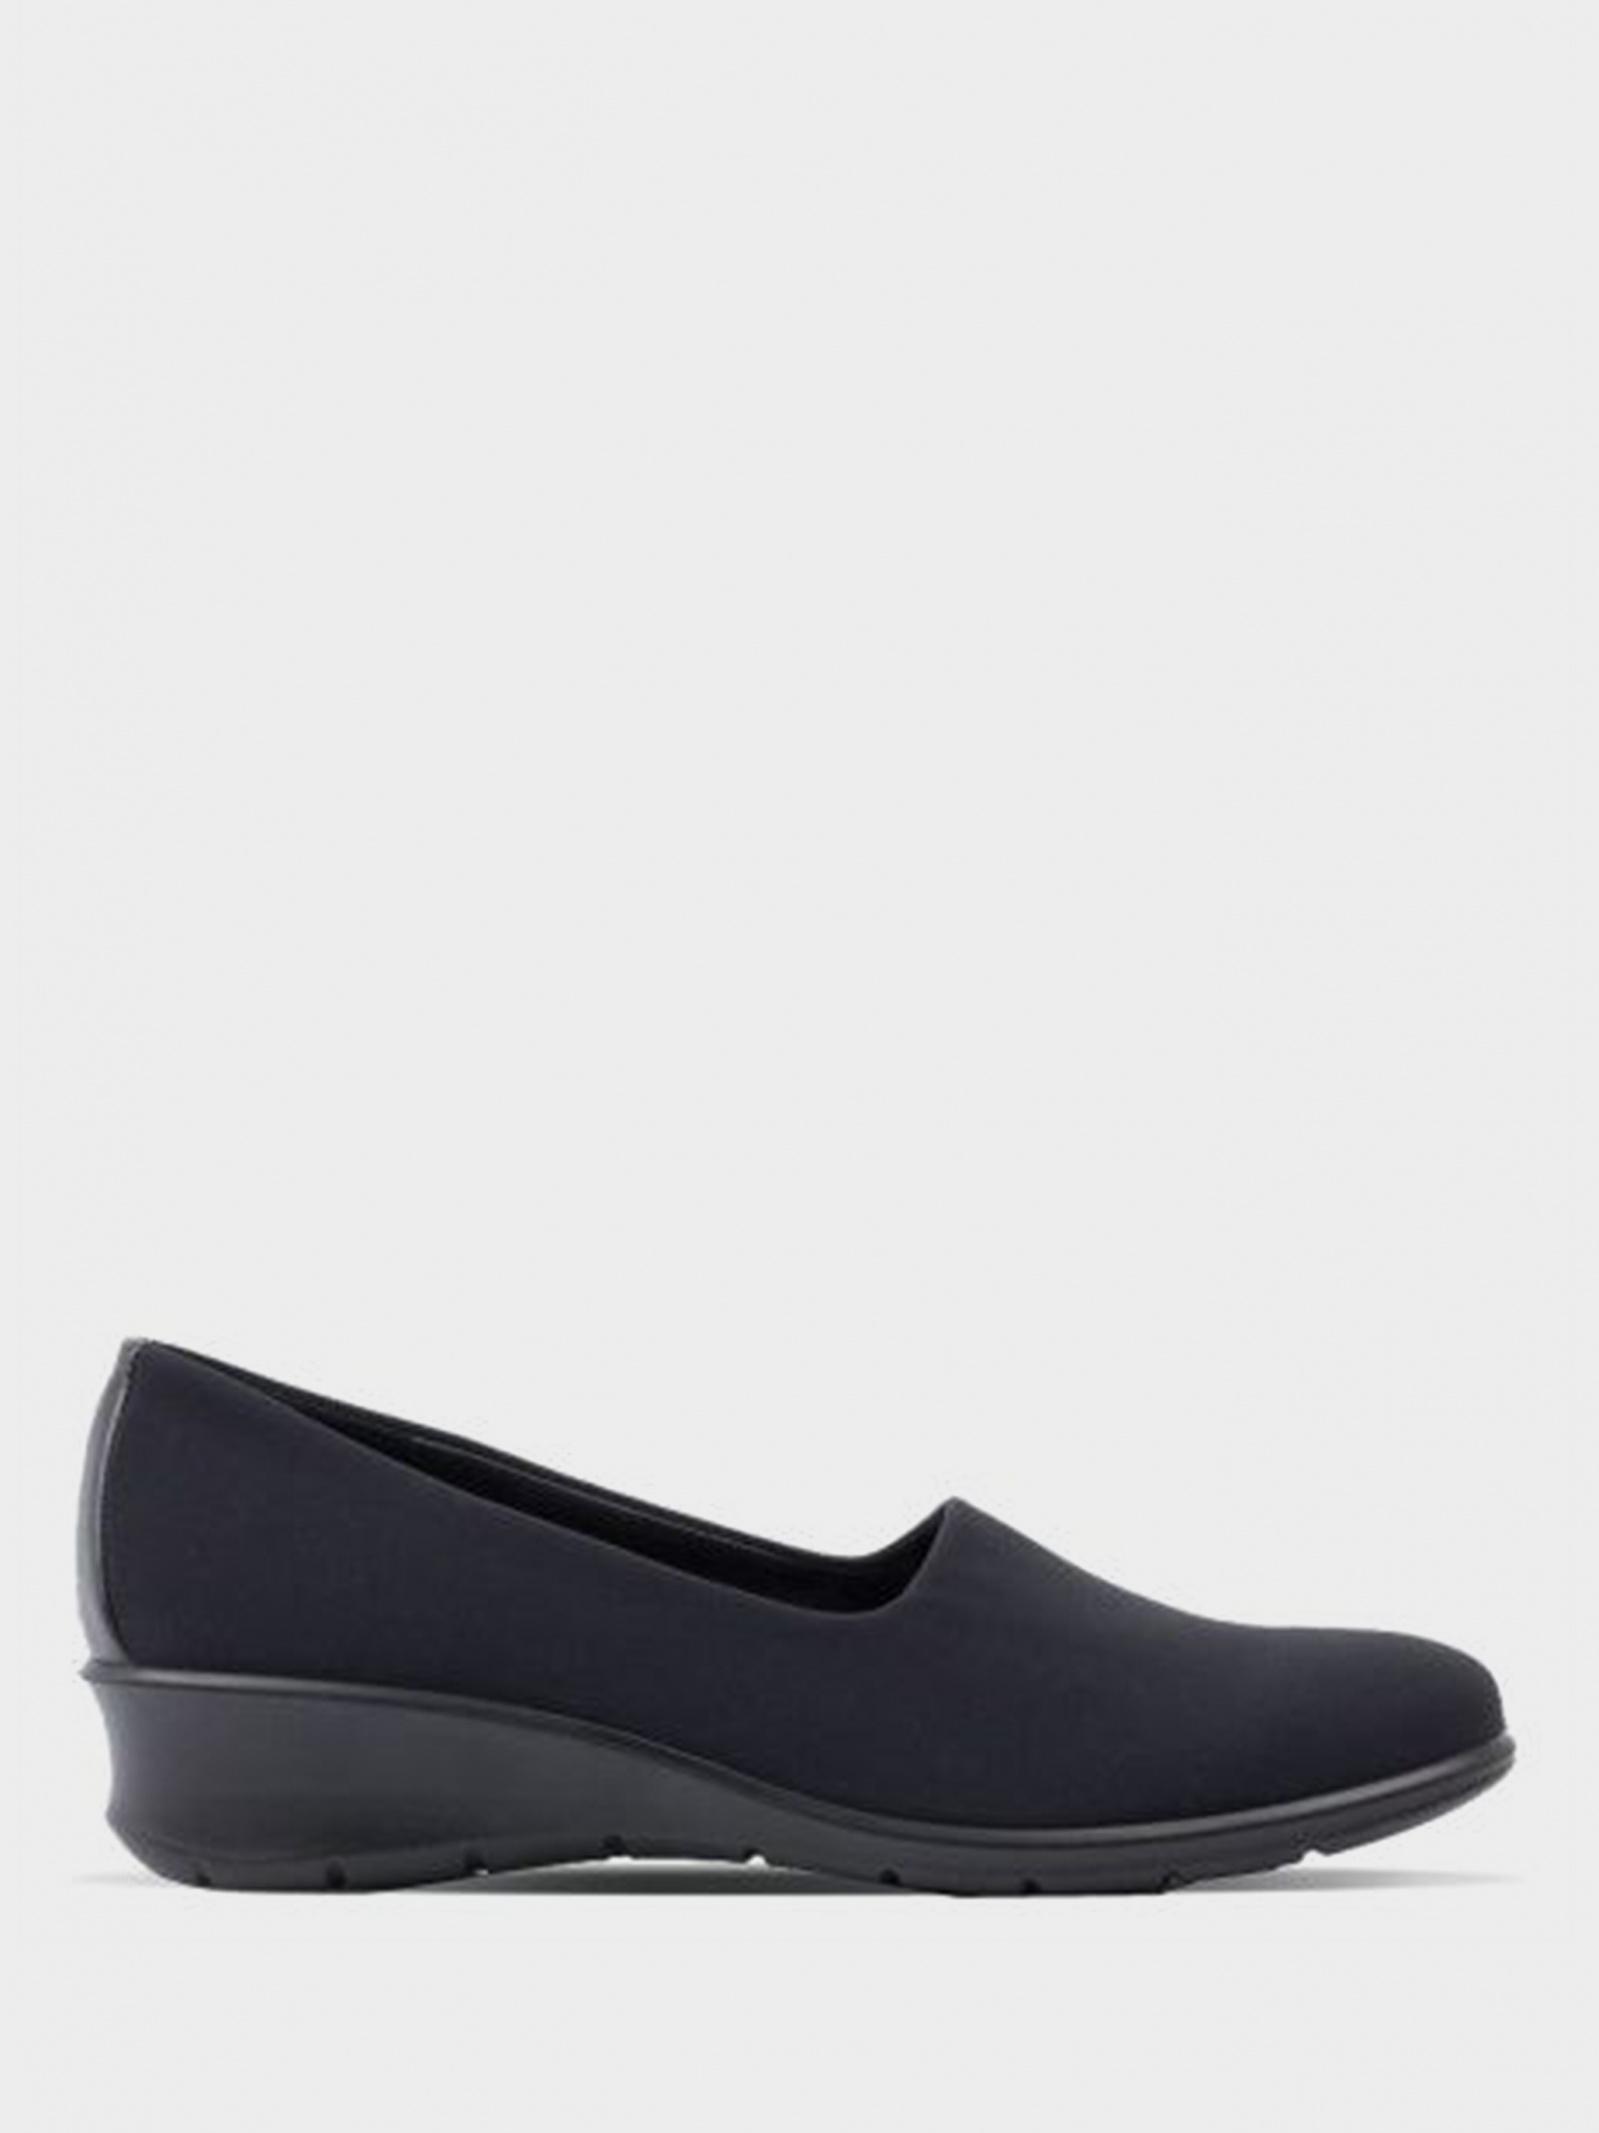 Напівчеревики  для жінок ECCO 217043(51052) купити взуття, 2017